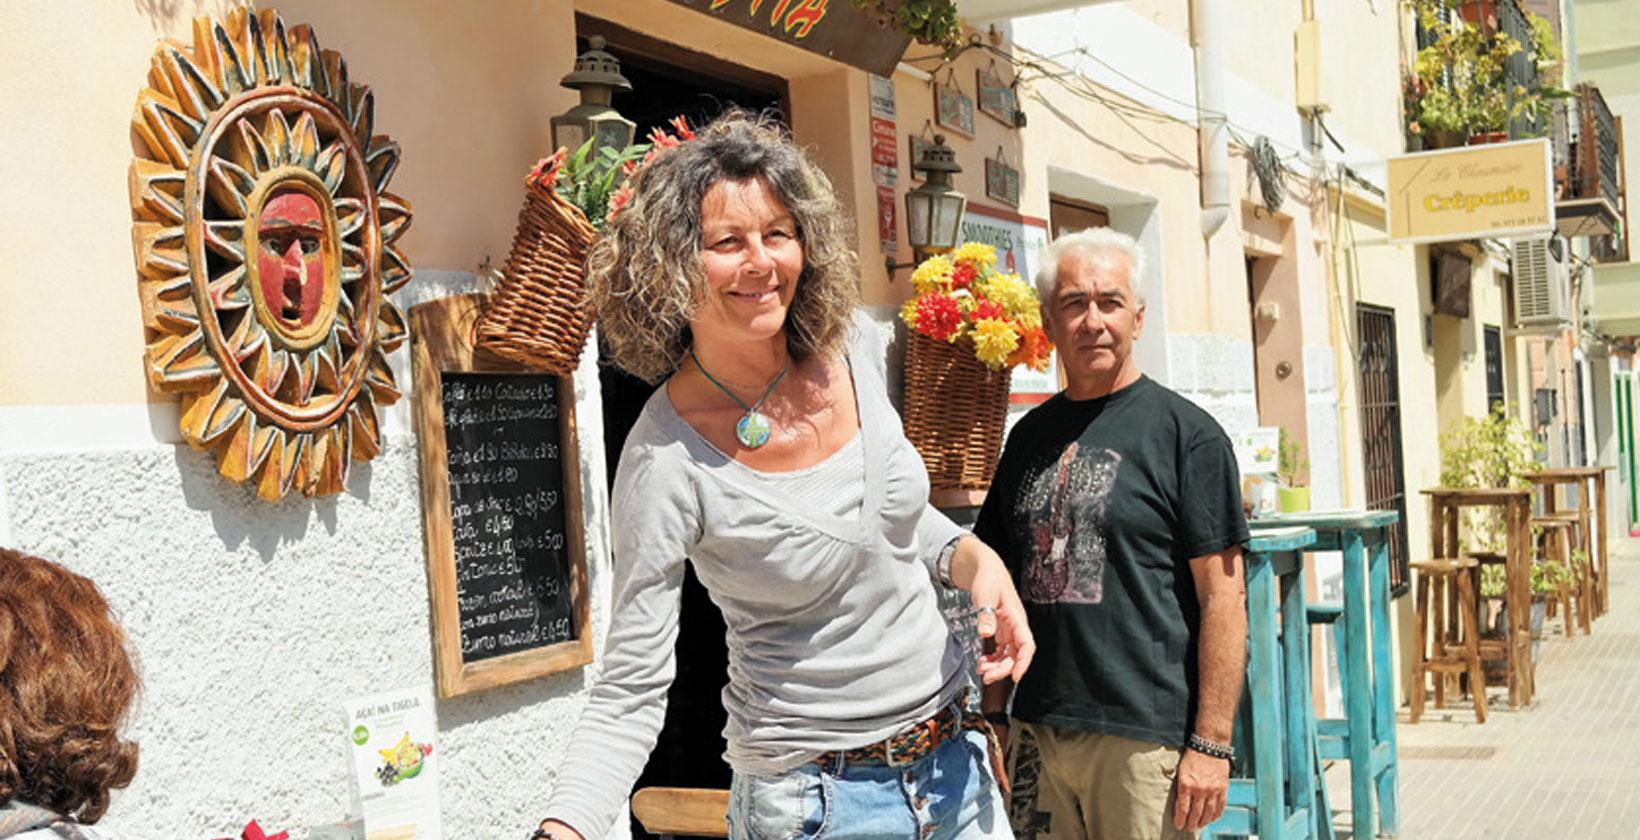 Palma-stadsdelen Santa Catalina har en speciell känsla. Här finns charmiga caféer och färgstarka gator.